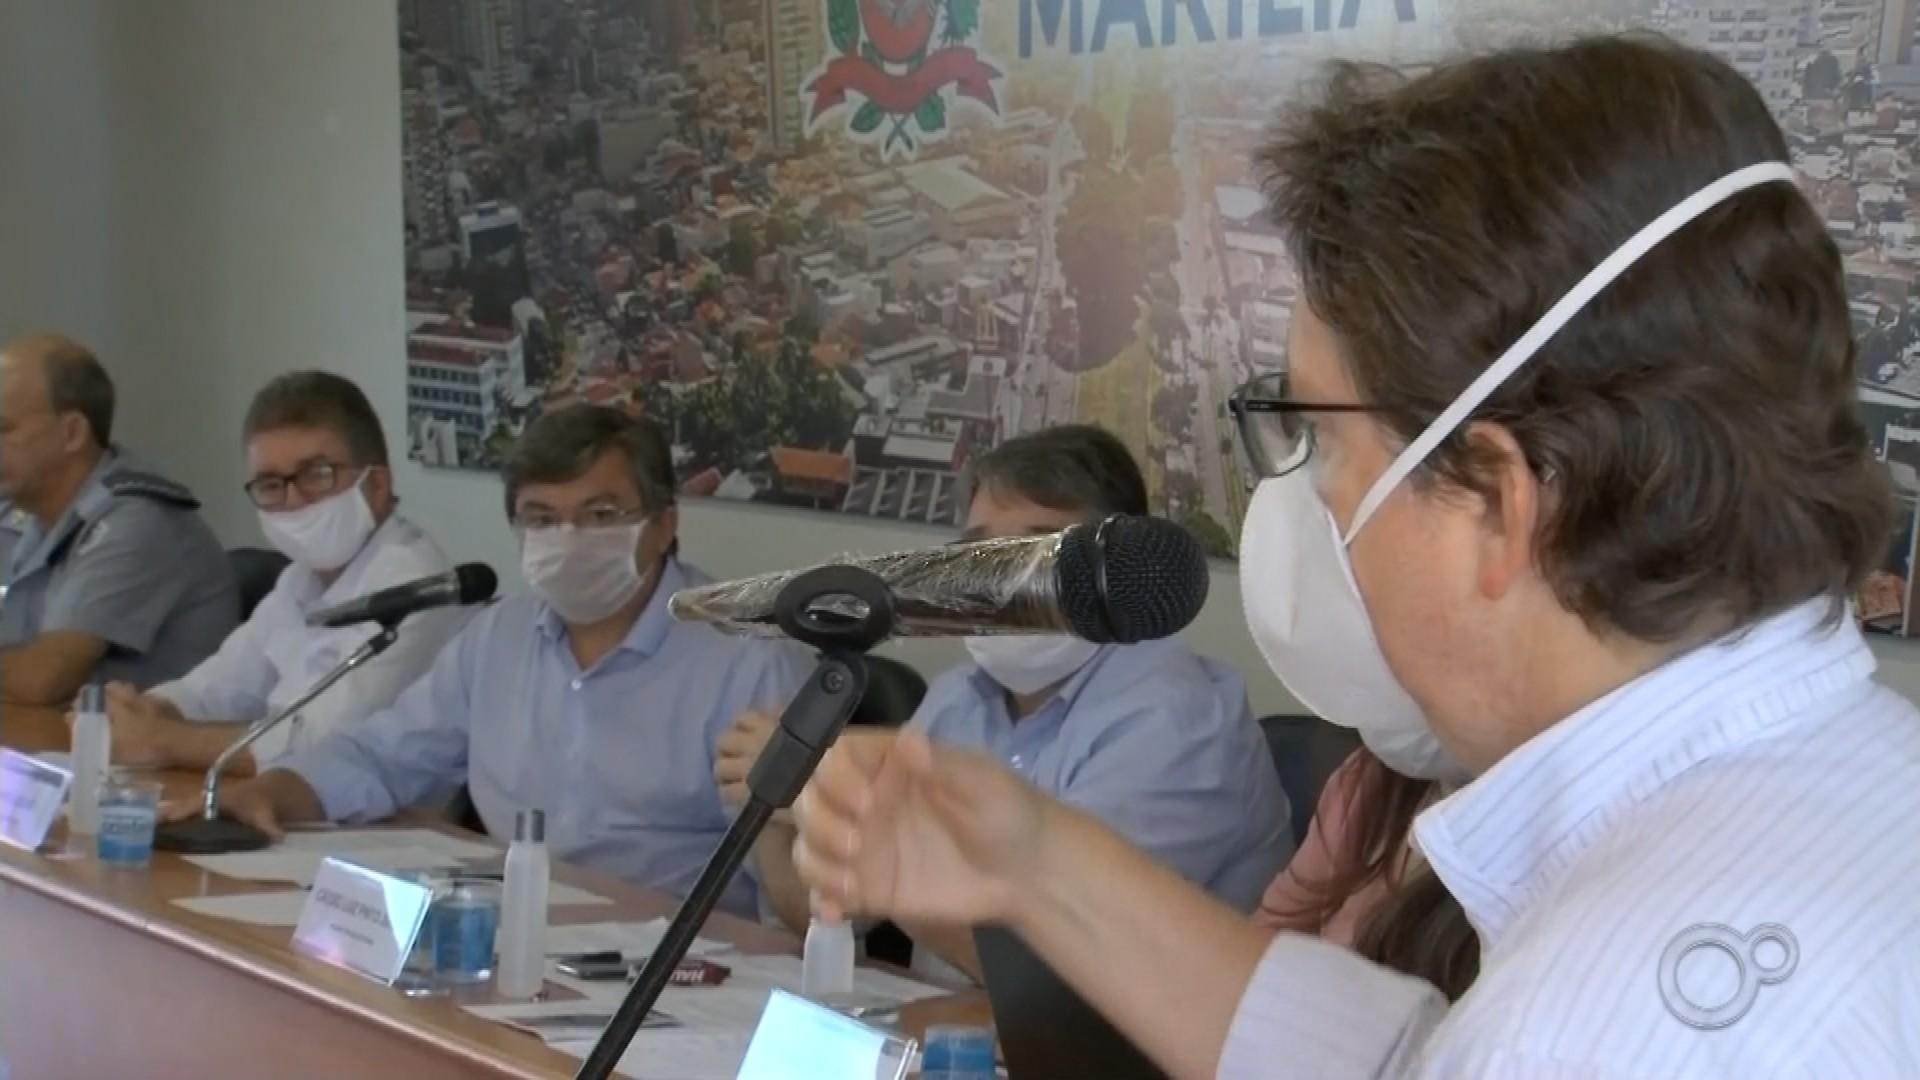 VÍDEOS: TEM Notícias 1ª edição de Bauru e Marília desta sexta-feira, 17 de abril